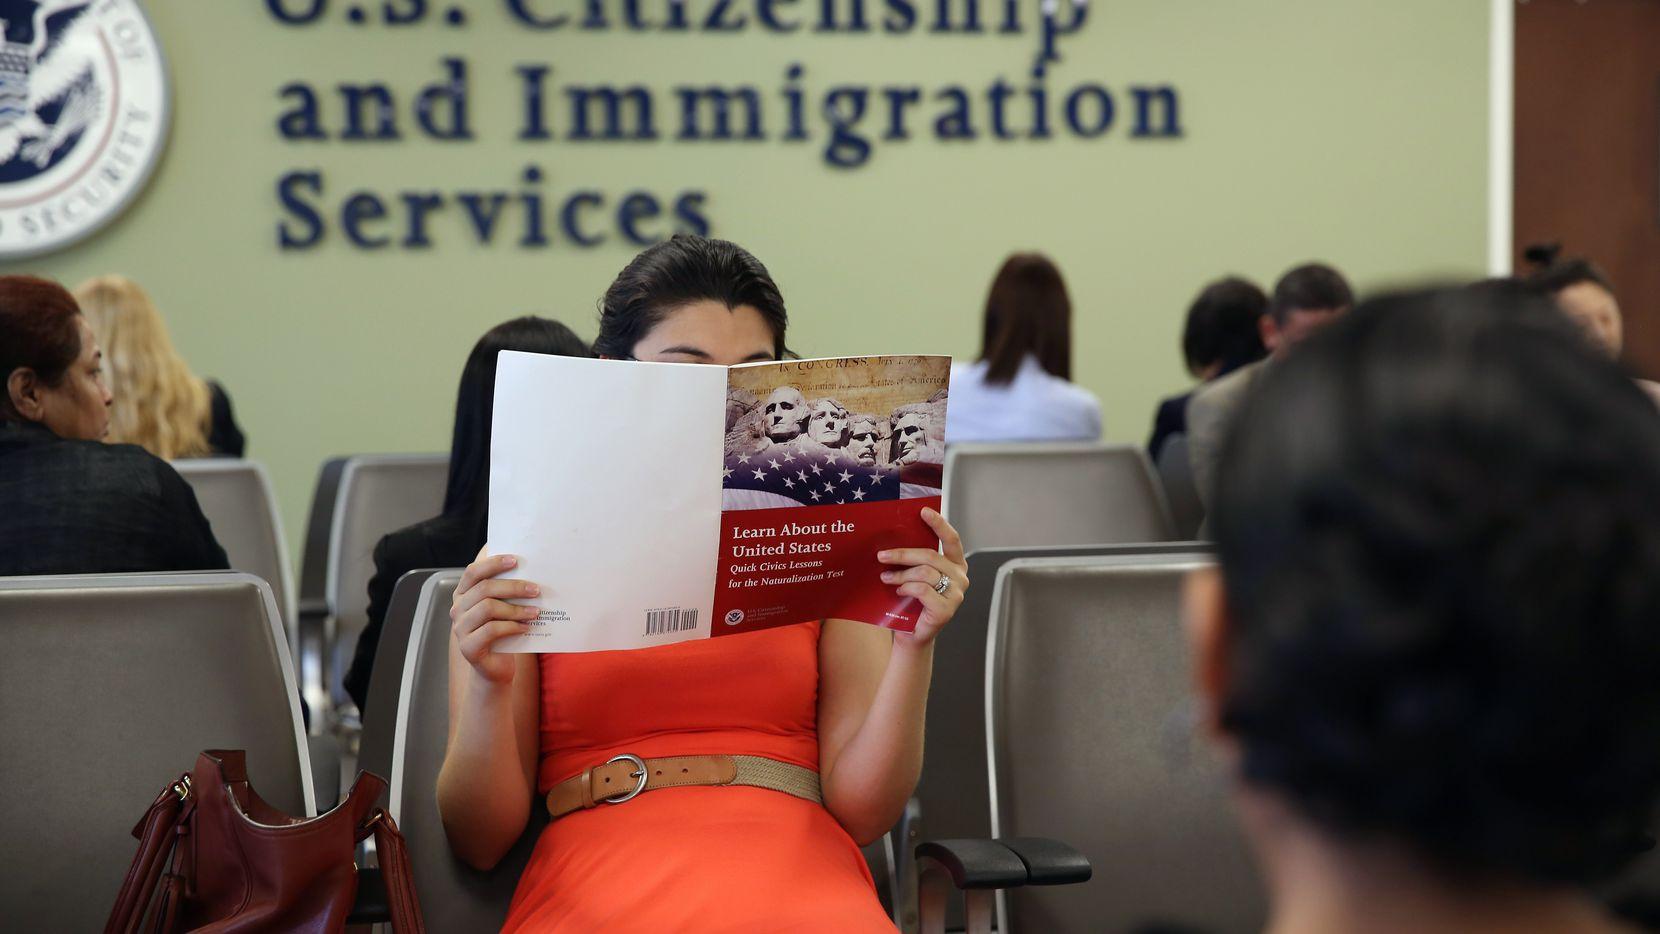 Una persona lee documentación para un trámite migratorio en la oficina de Servicios de Inmigración y Ciudadanía, en Nueva York.